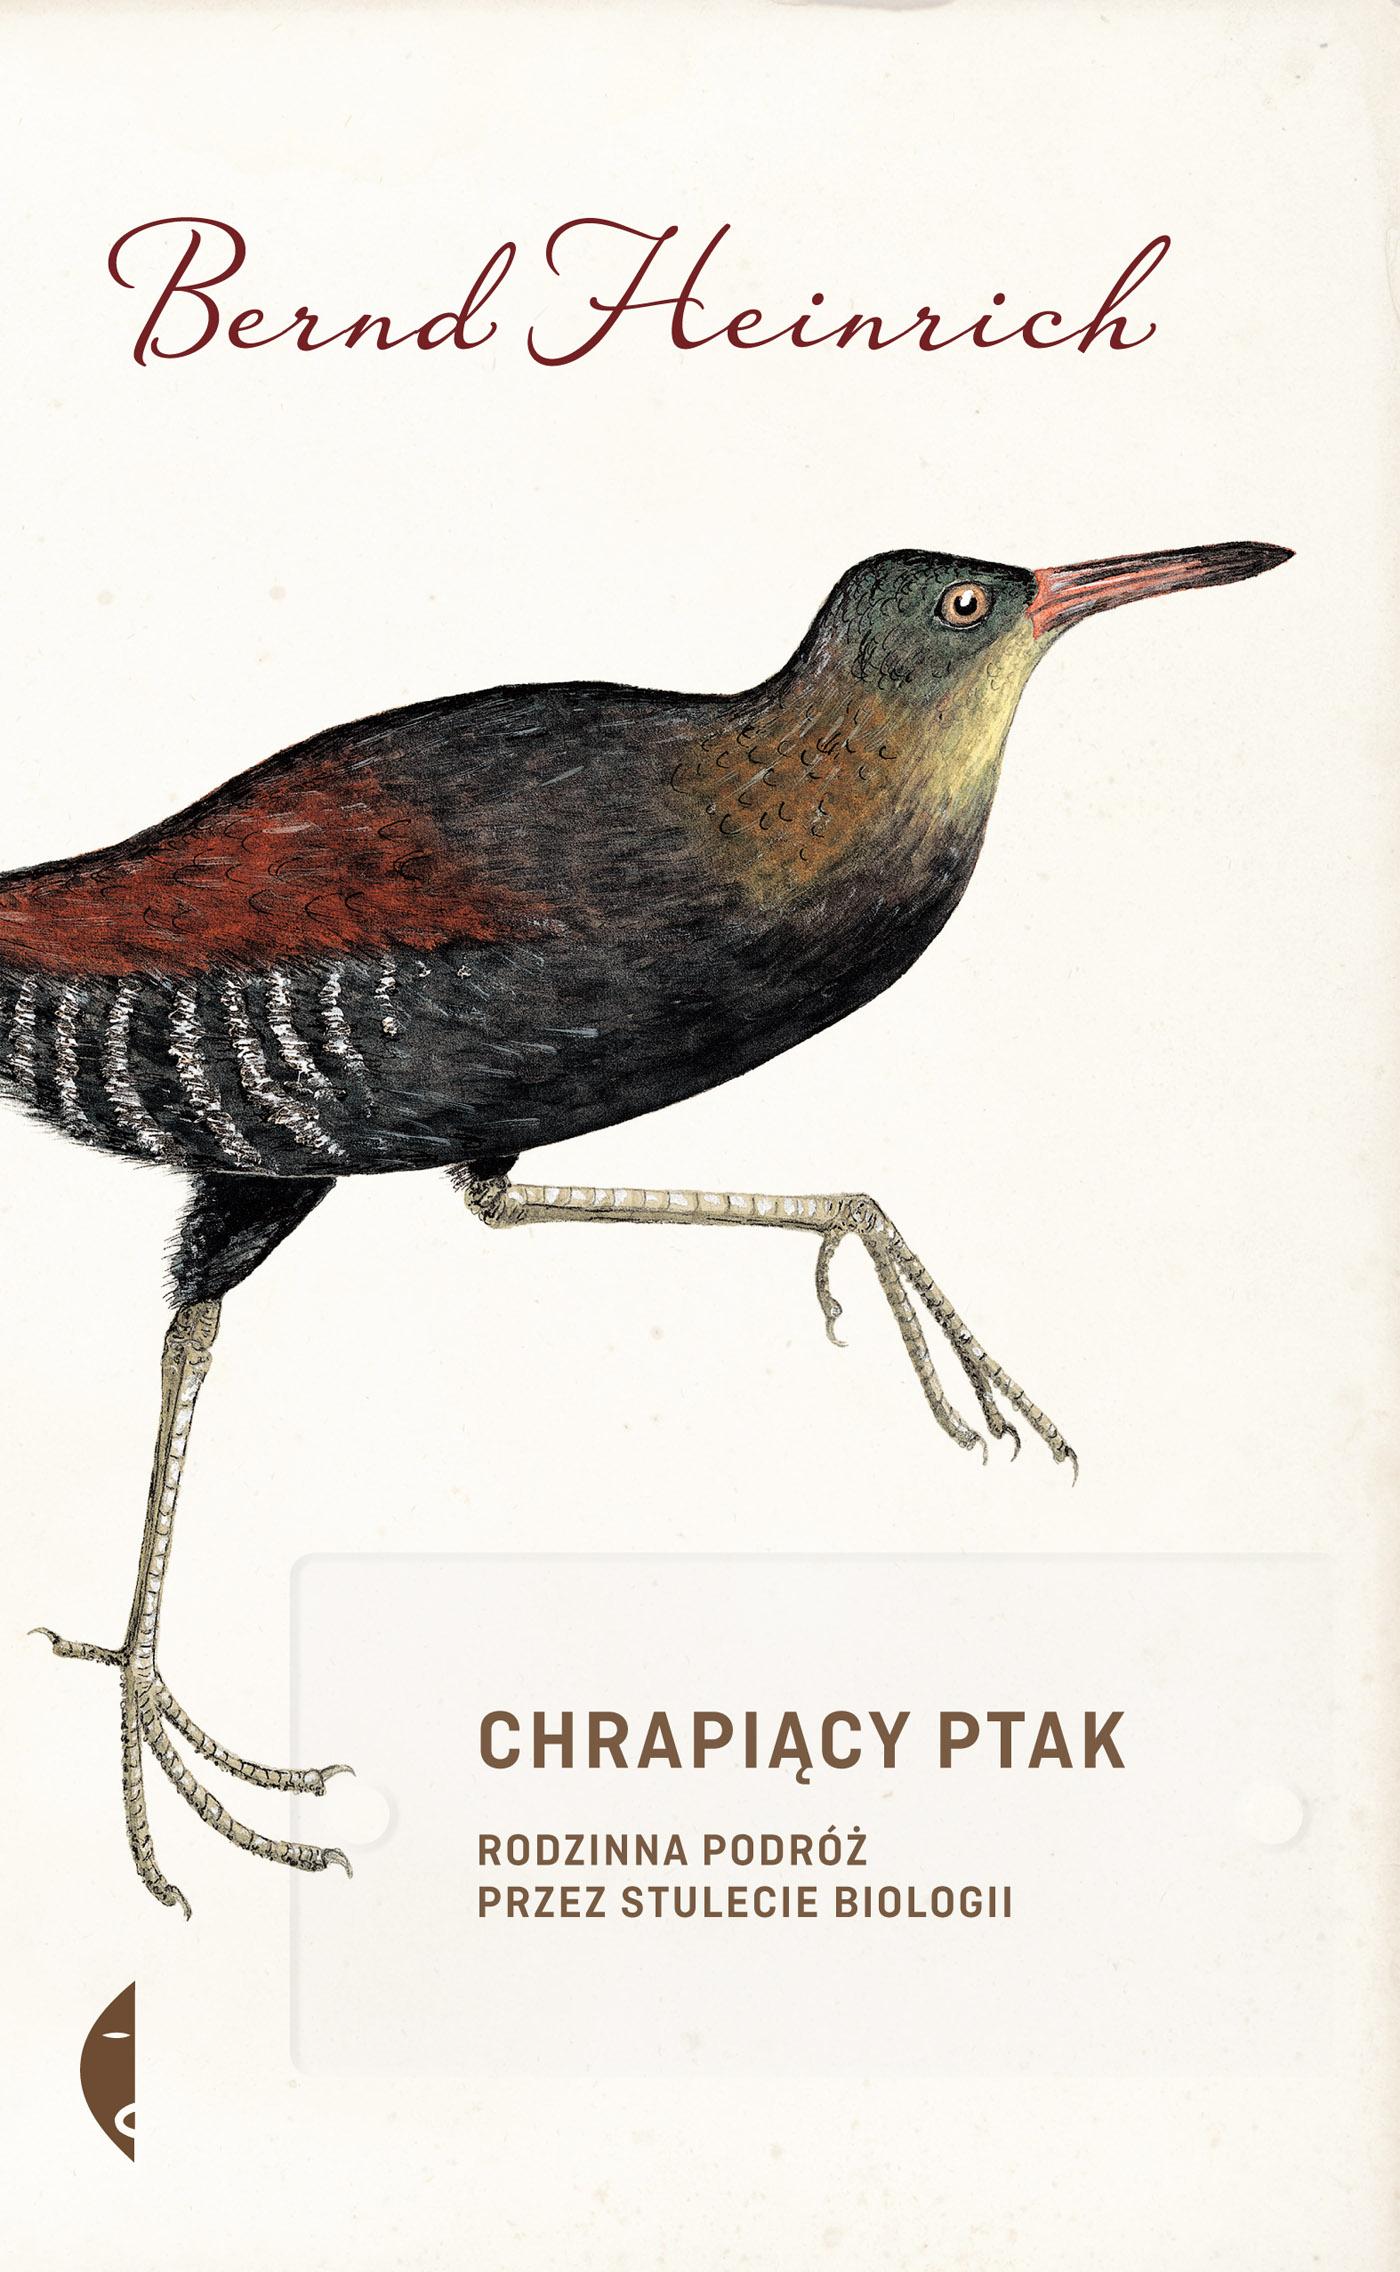 Chrapiący ptak rodzinna podróż przez stulecie biologii